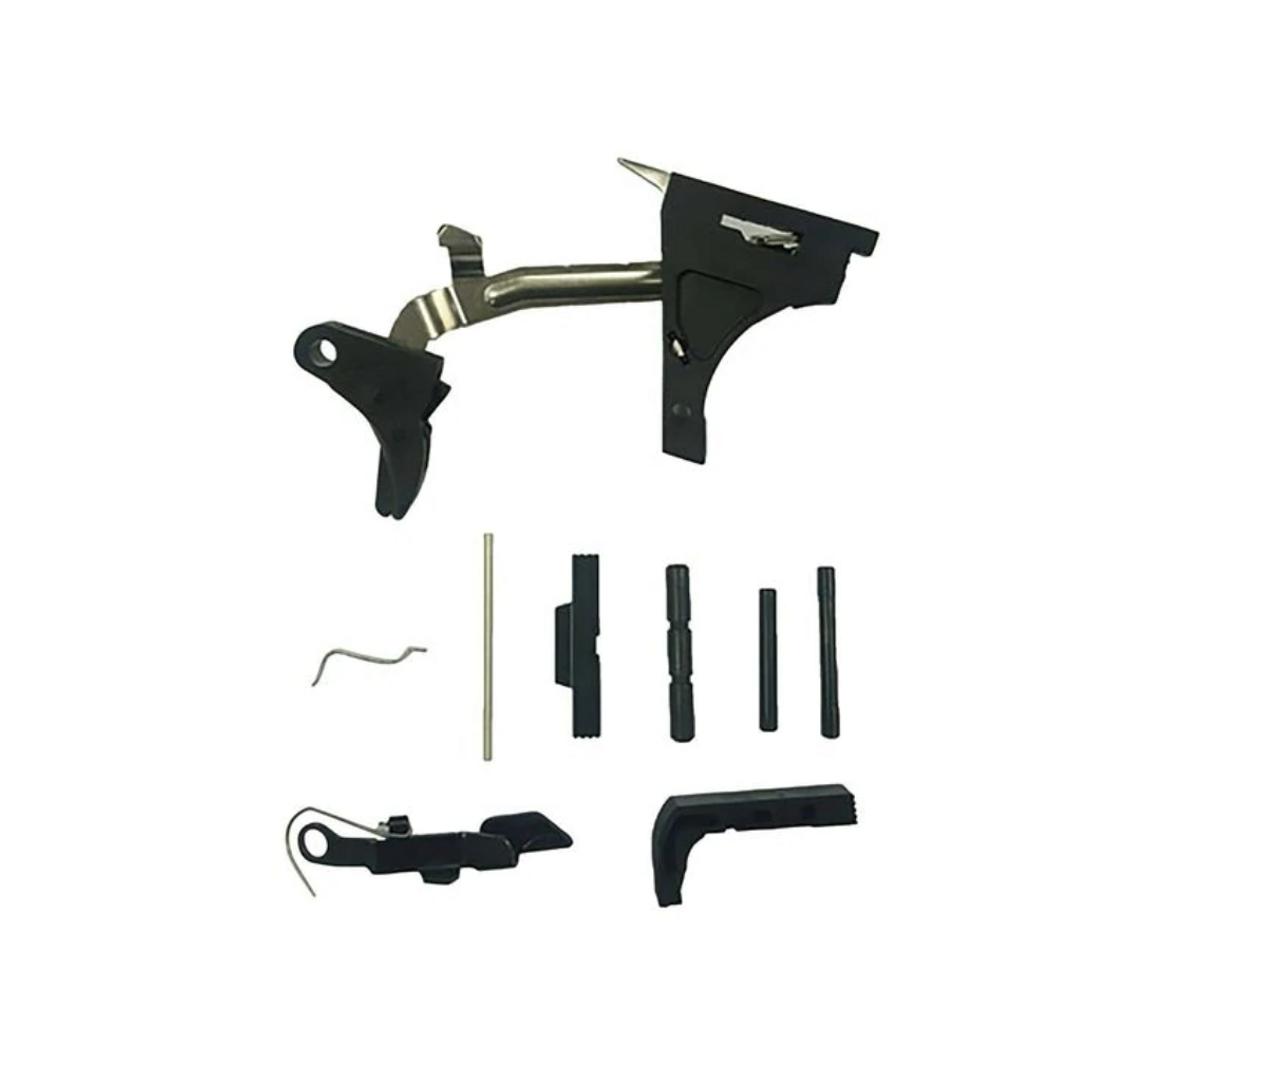 Lower Parts Kit Fits GLOCK 17 Gen 1-3